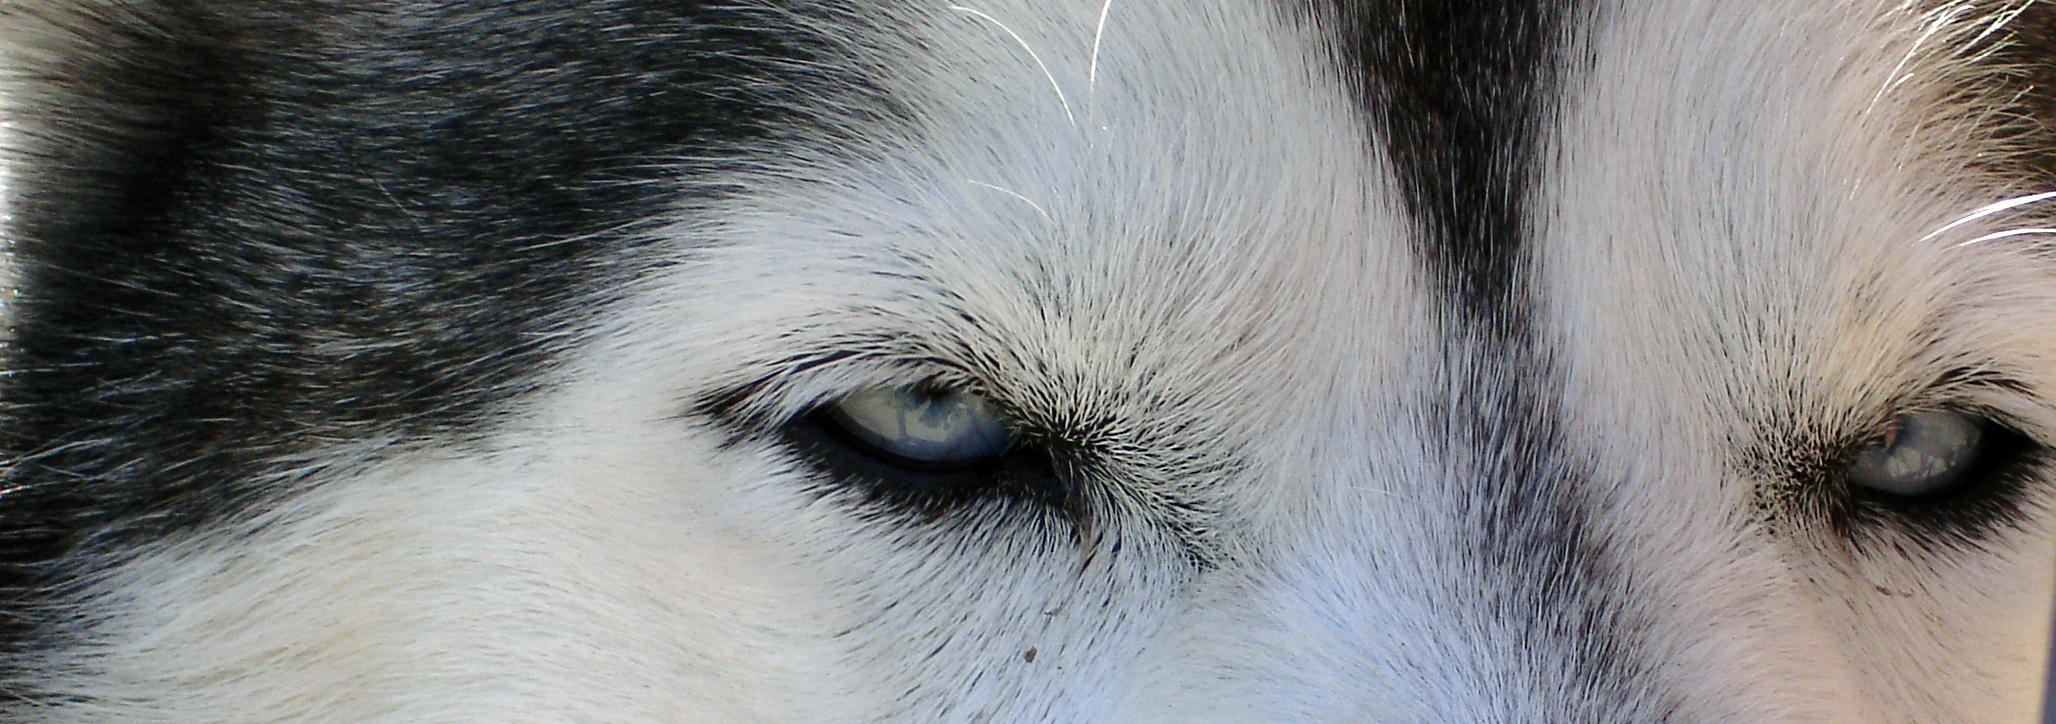 dog-1388351